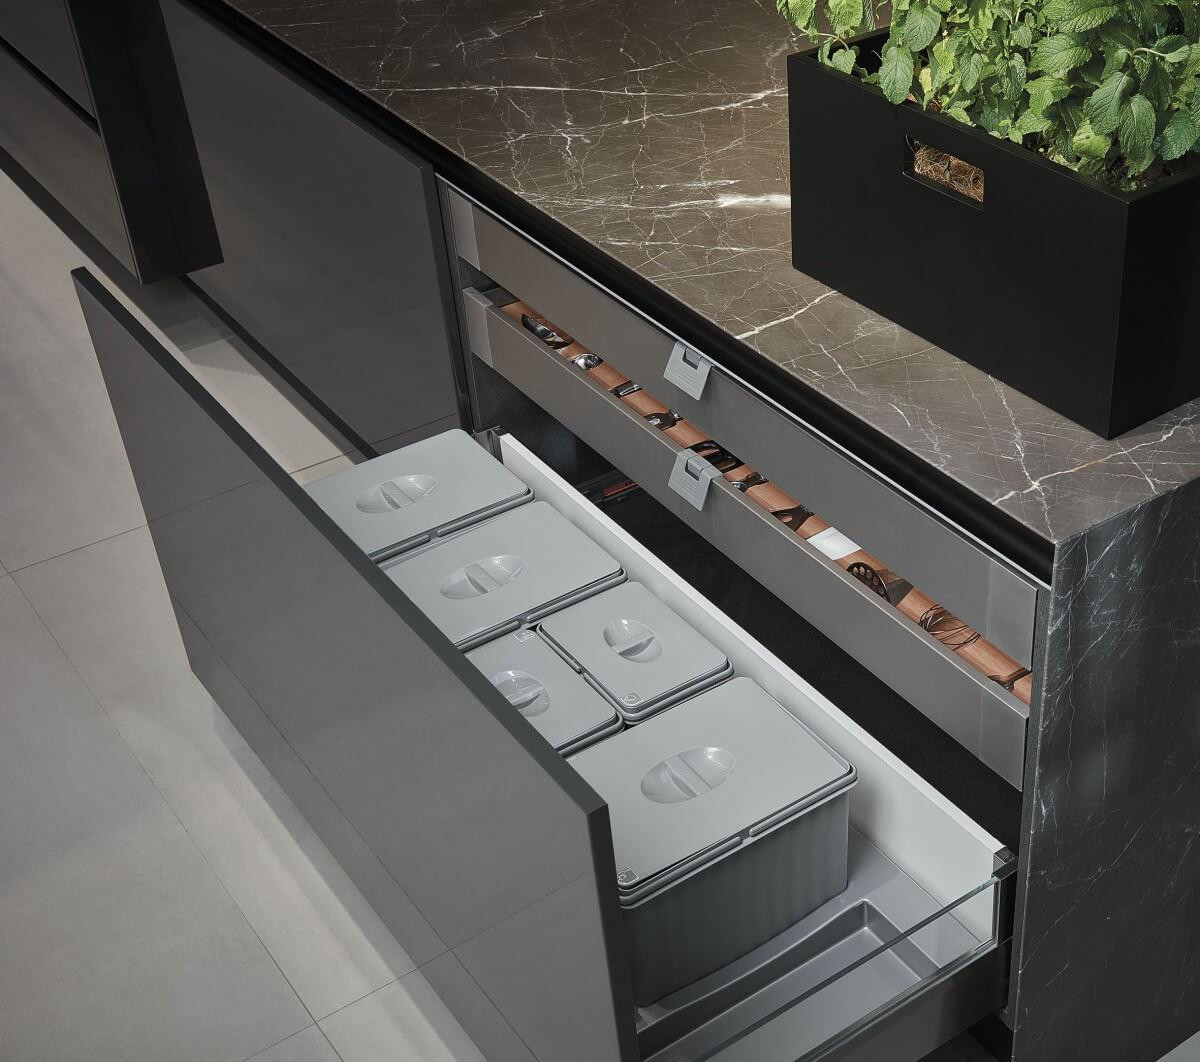 Gavetas Tandembox Altas com laterais em vidro e acessórios para lixeiras modulares